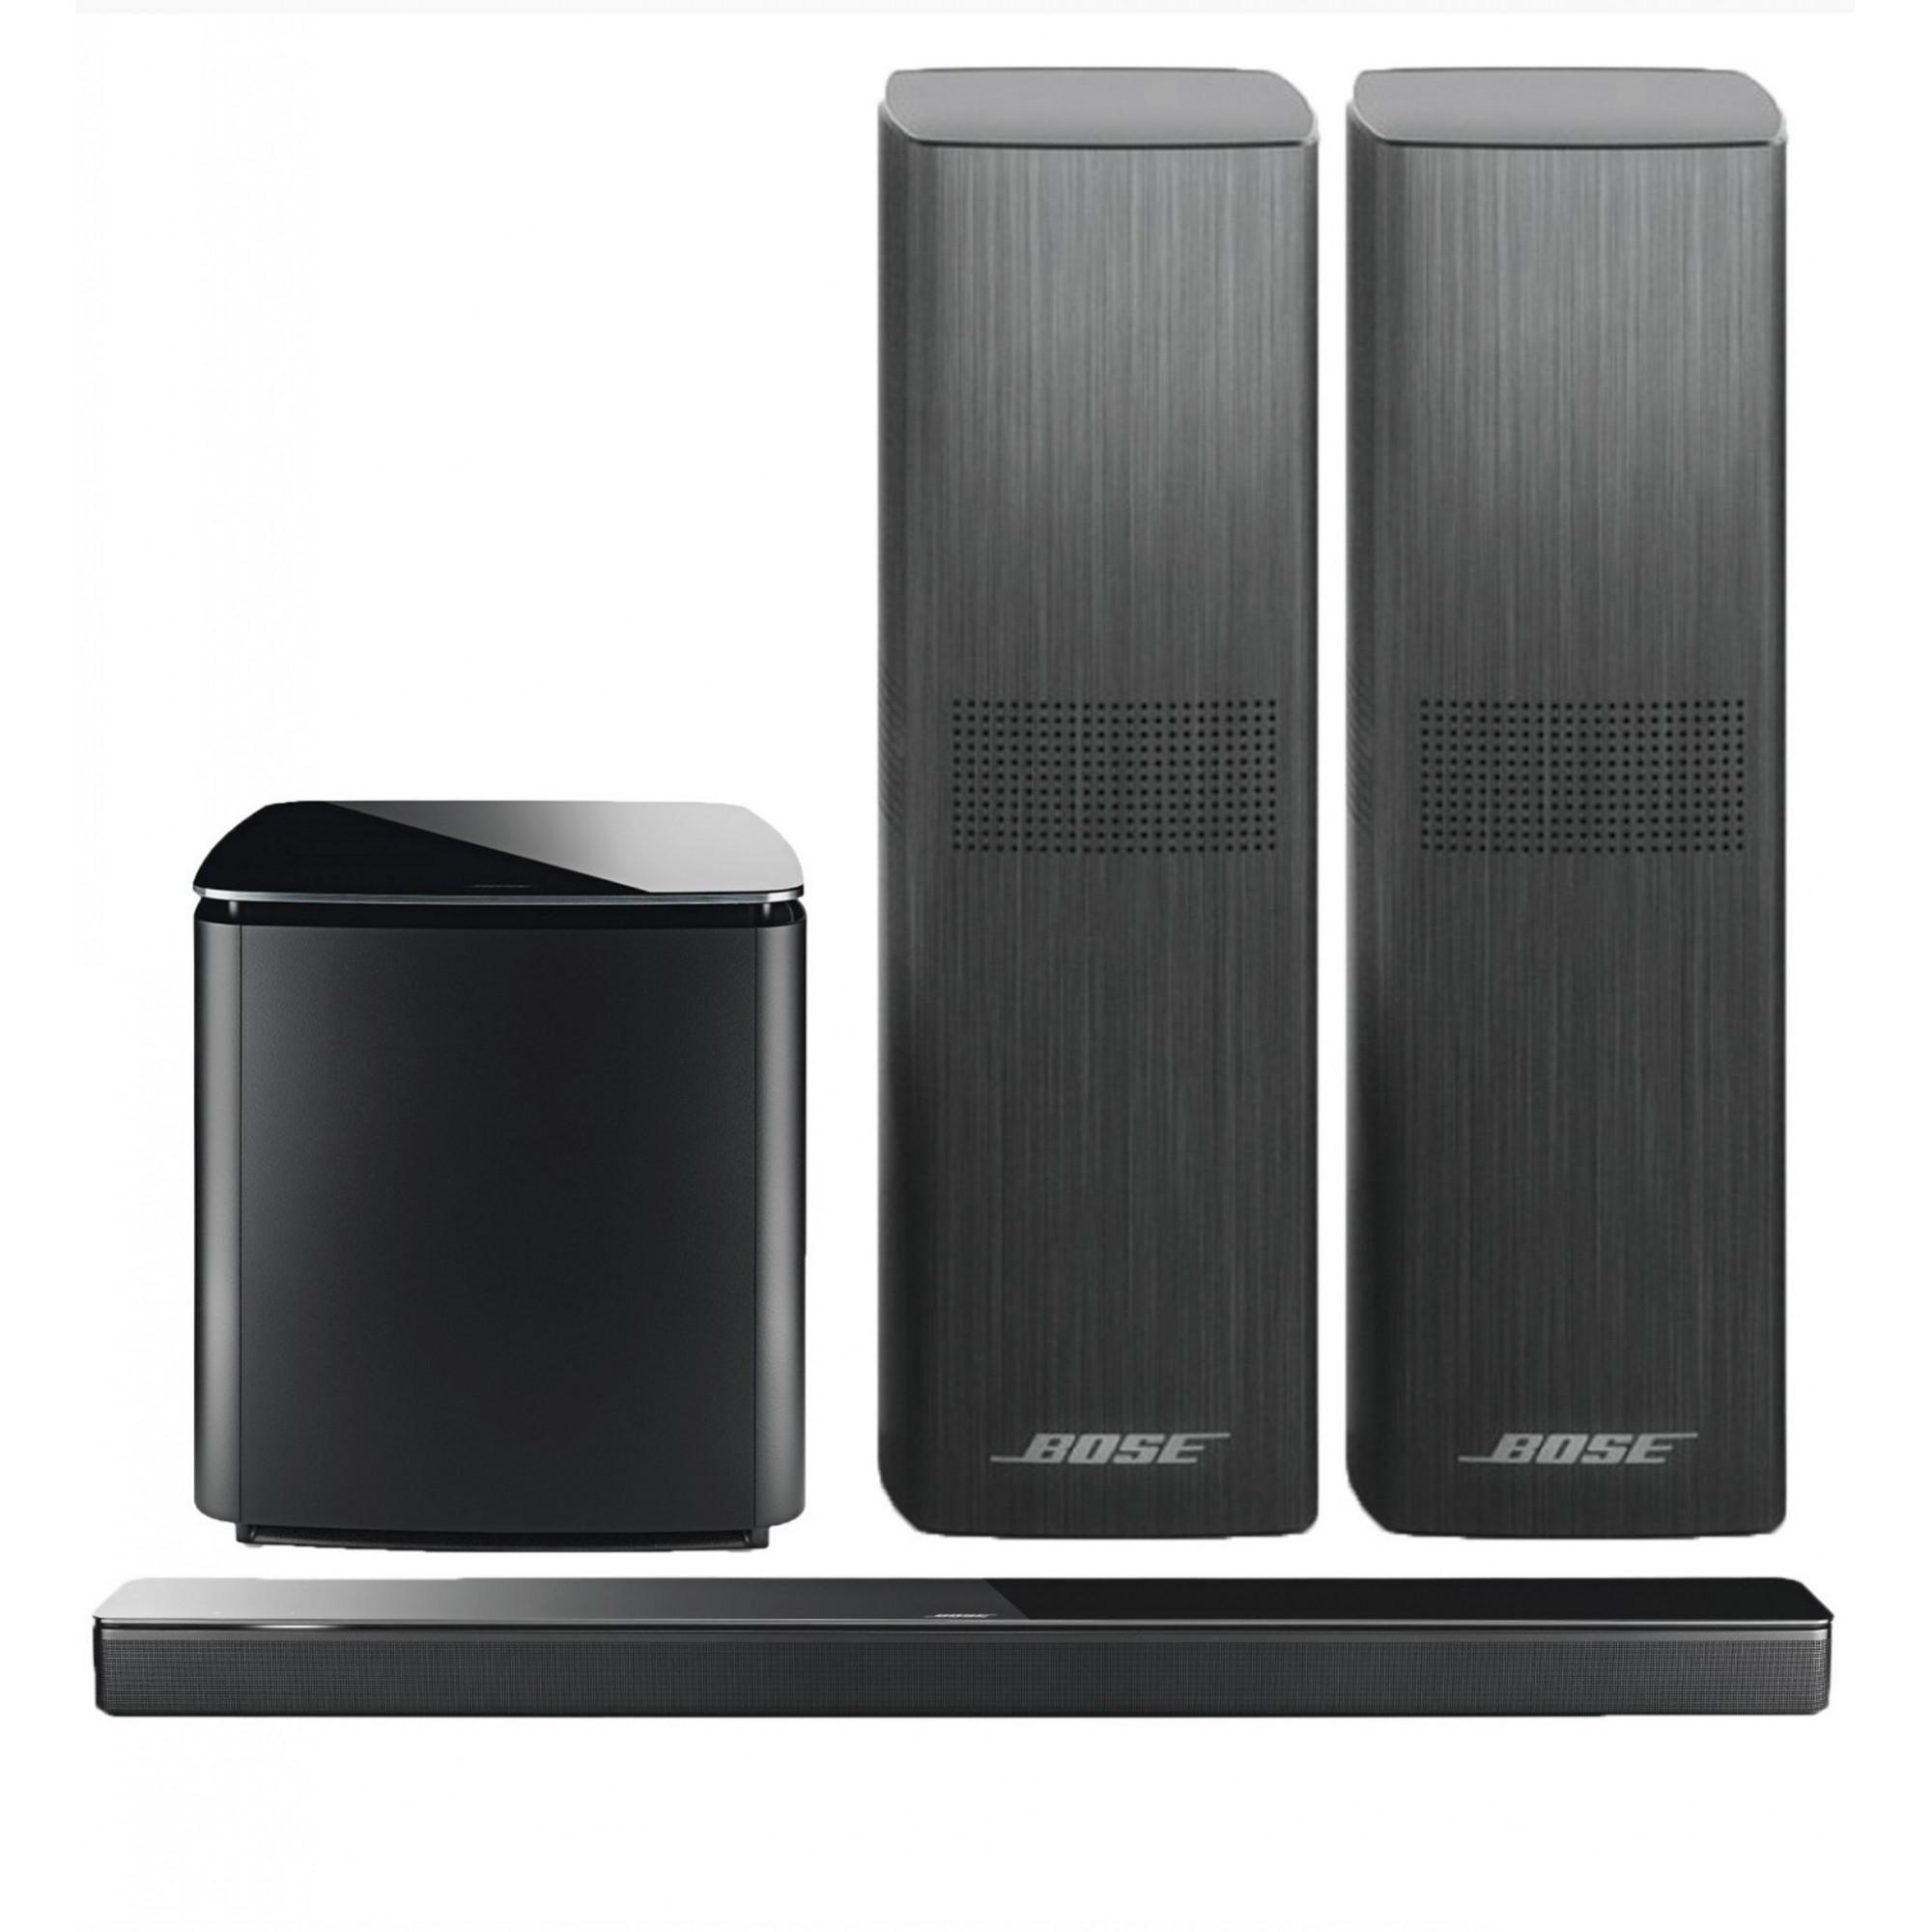 Bose Soundbar 700 - Bose Bass Module 700 - Bose Surround 700